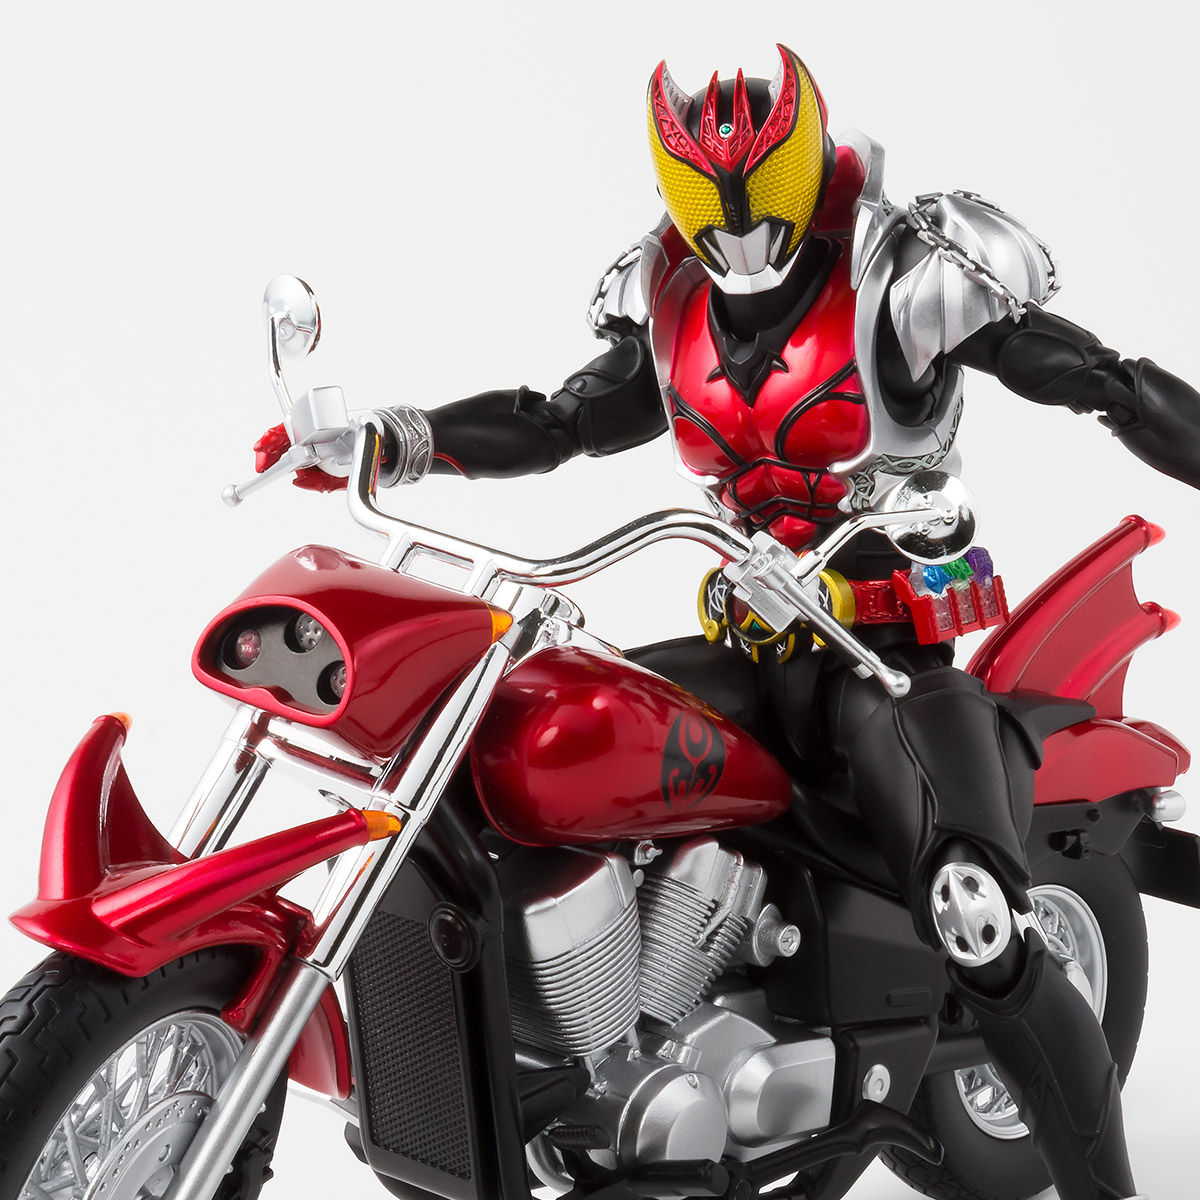 S.H.Figuarts『マシンキバー オプションパーツセット』仮面ライダーキバ アクションフィギュア-001